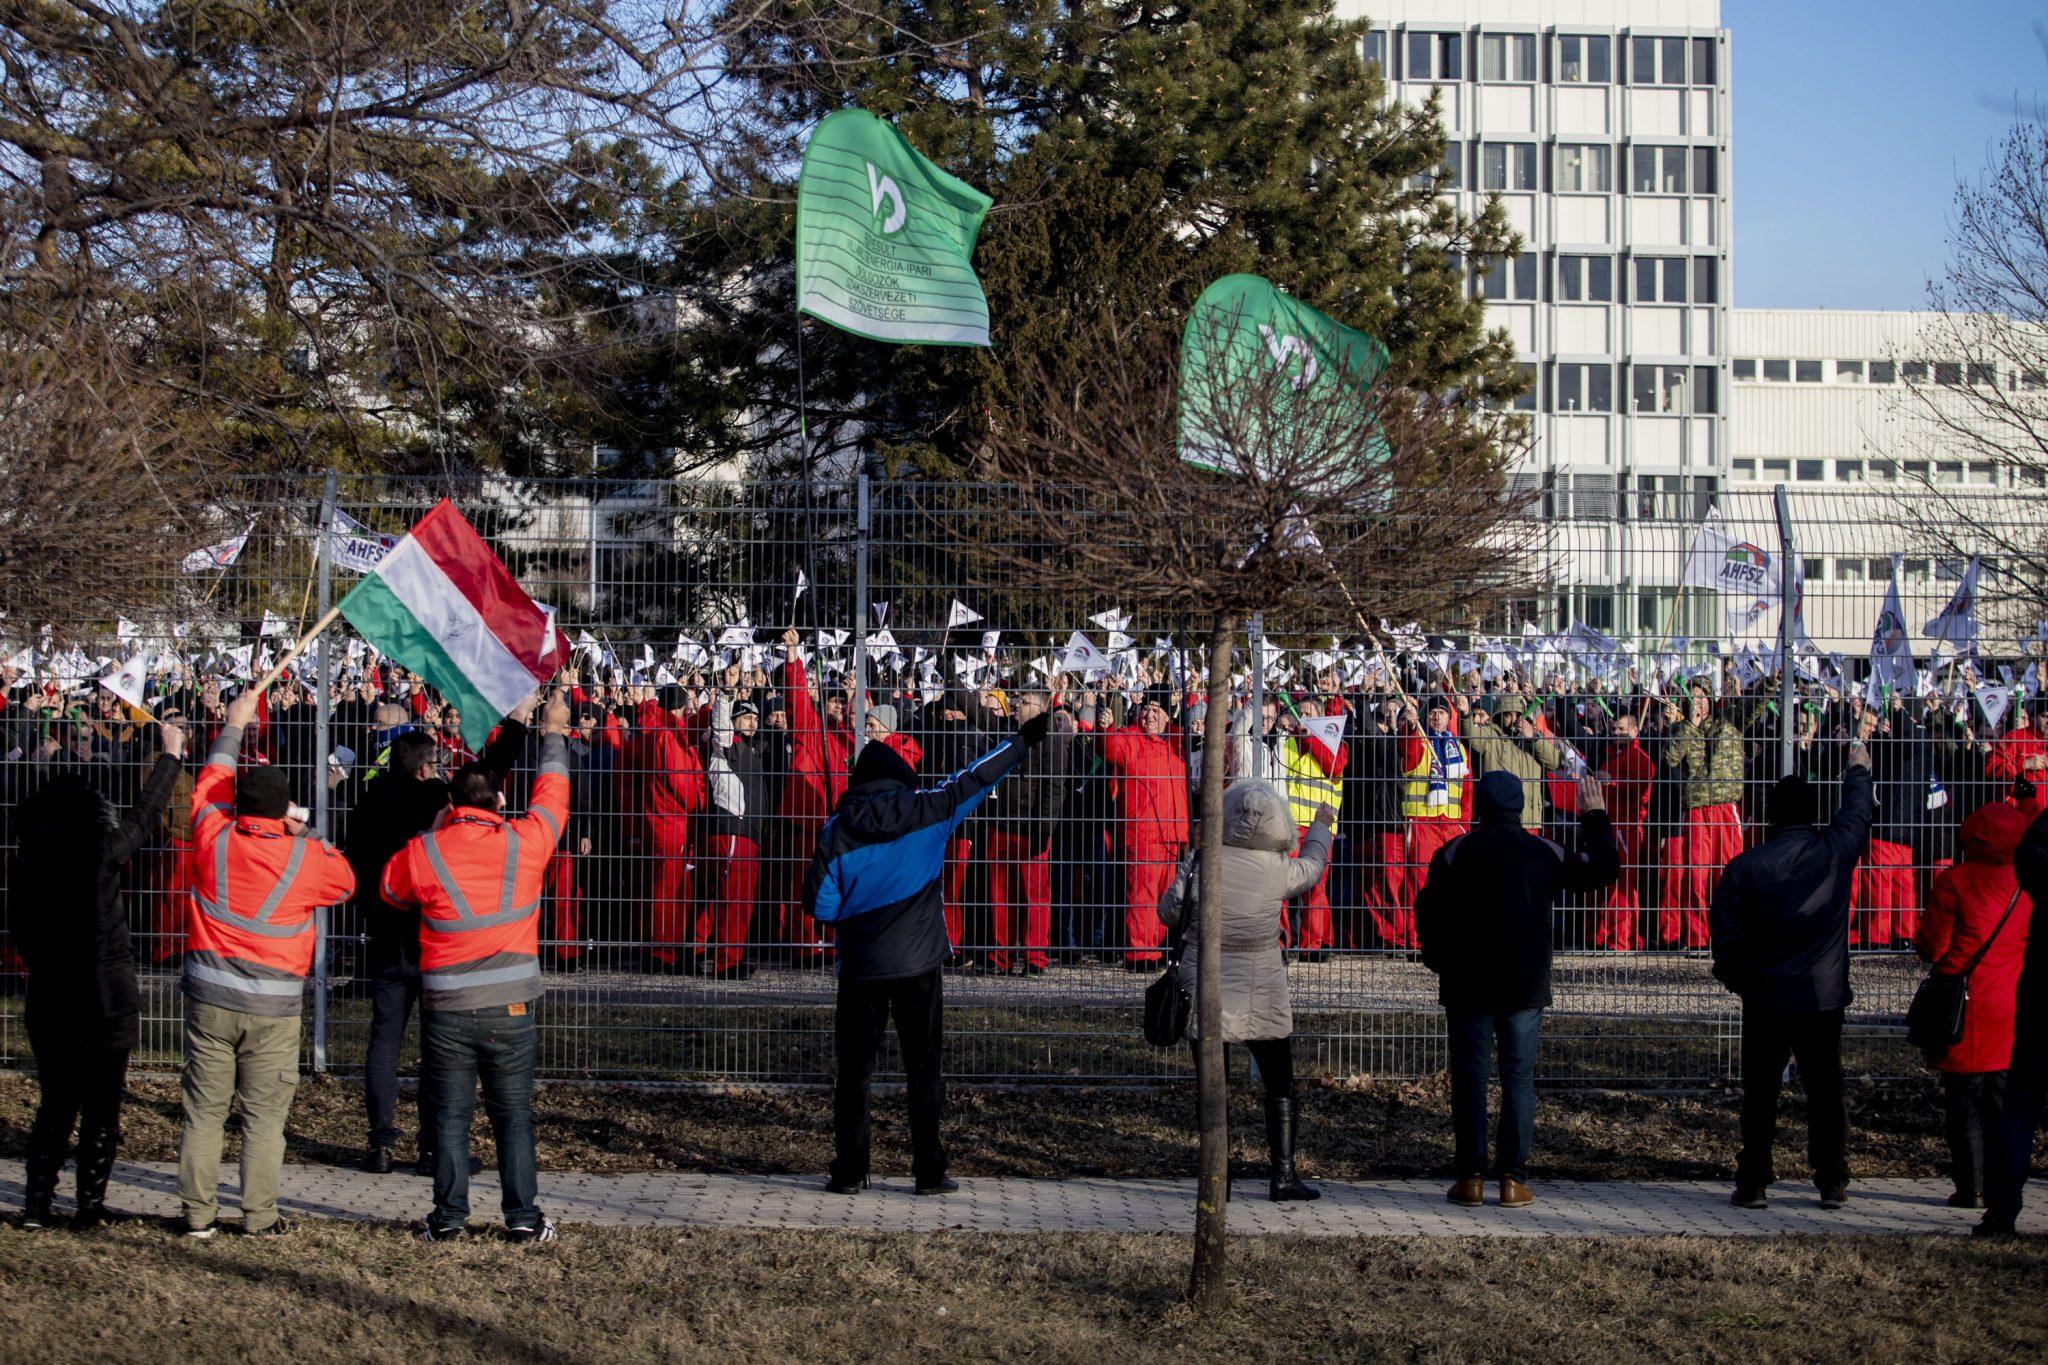 audi győr strike hungary